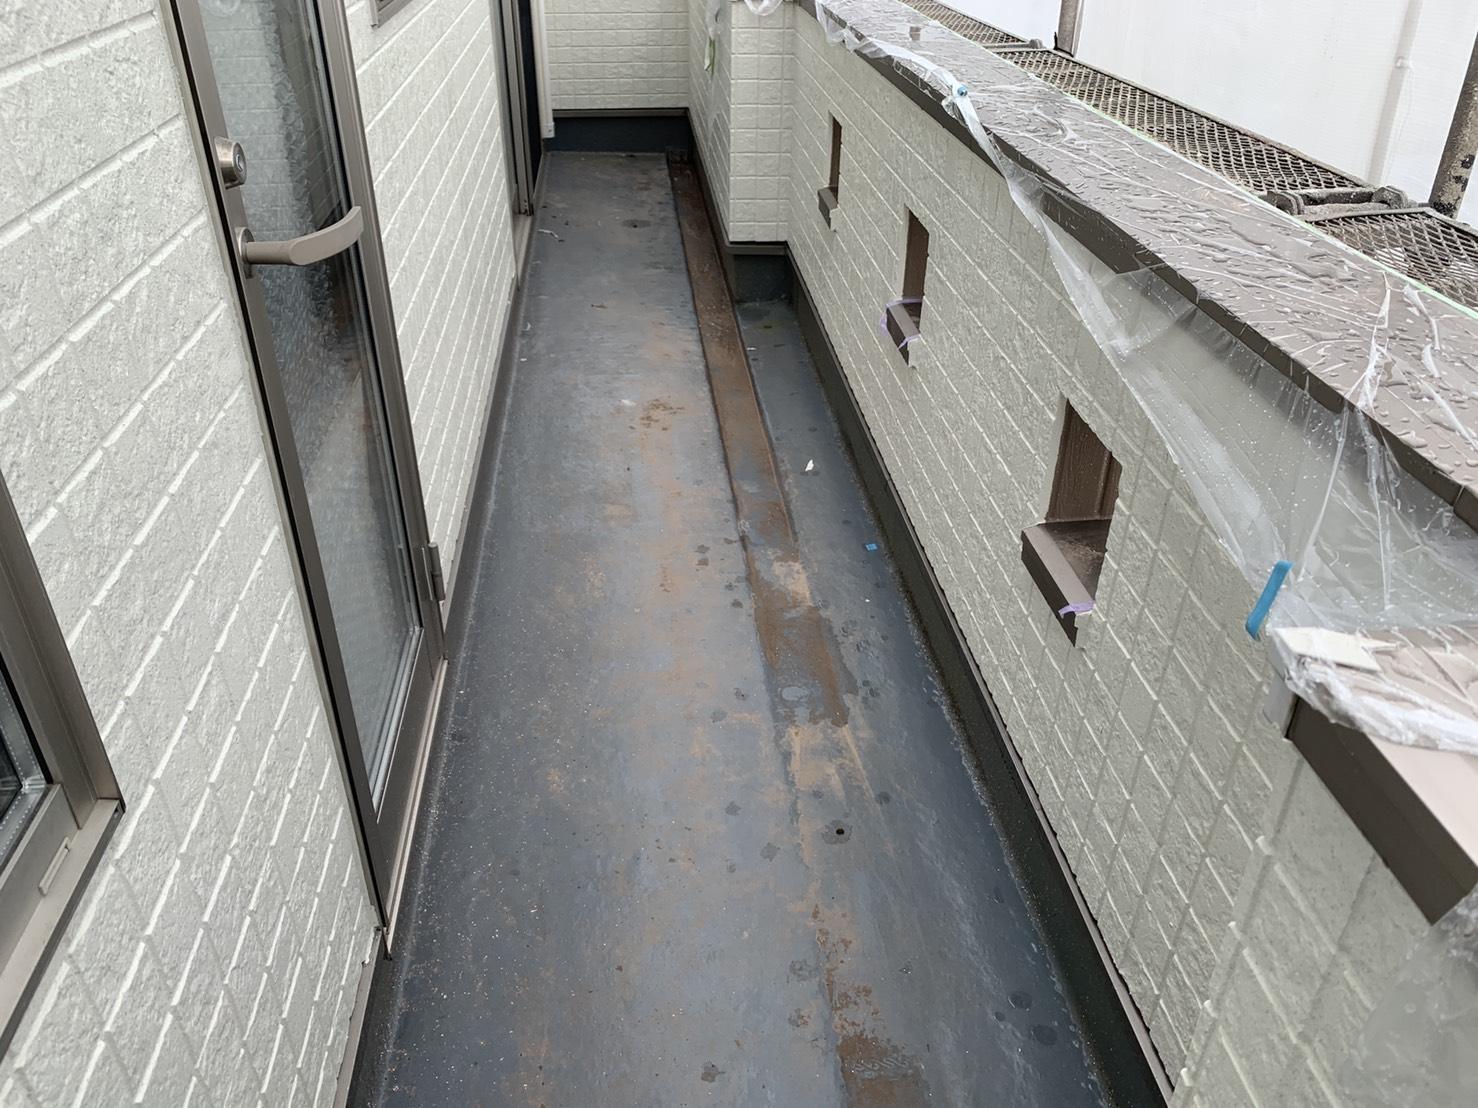 明石市でベランダ床が膨れているお家の様子